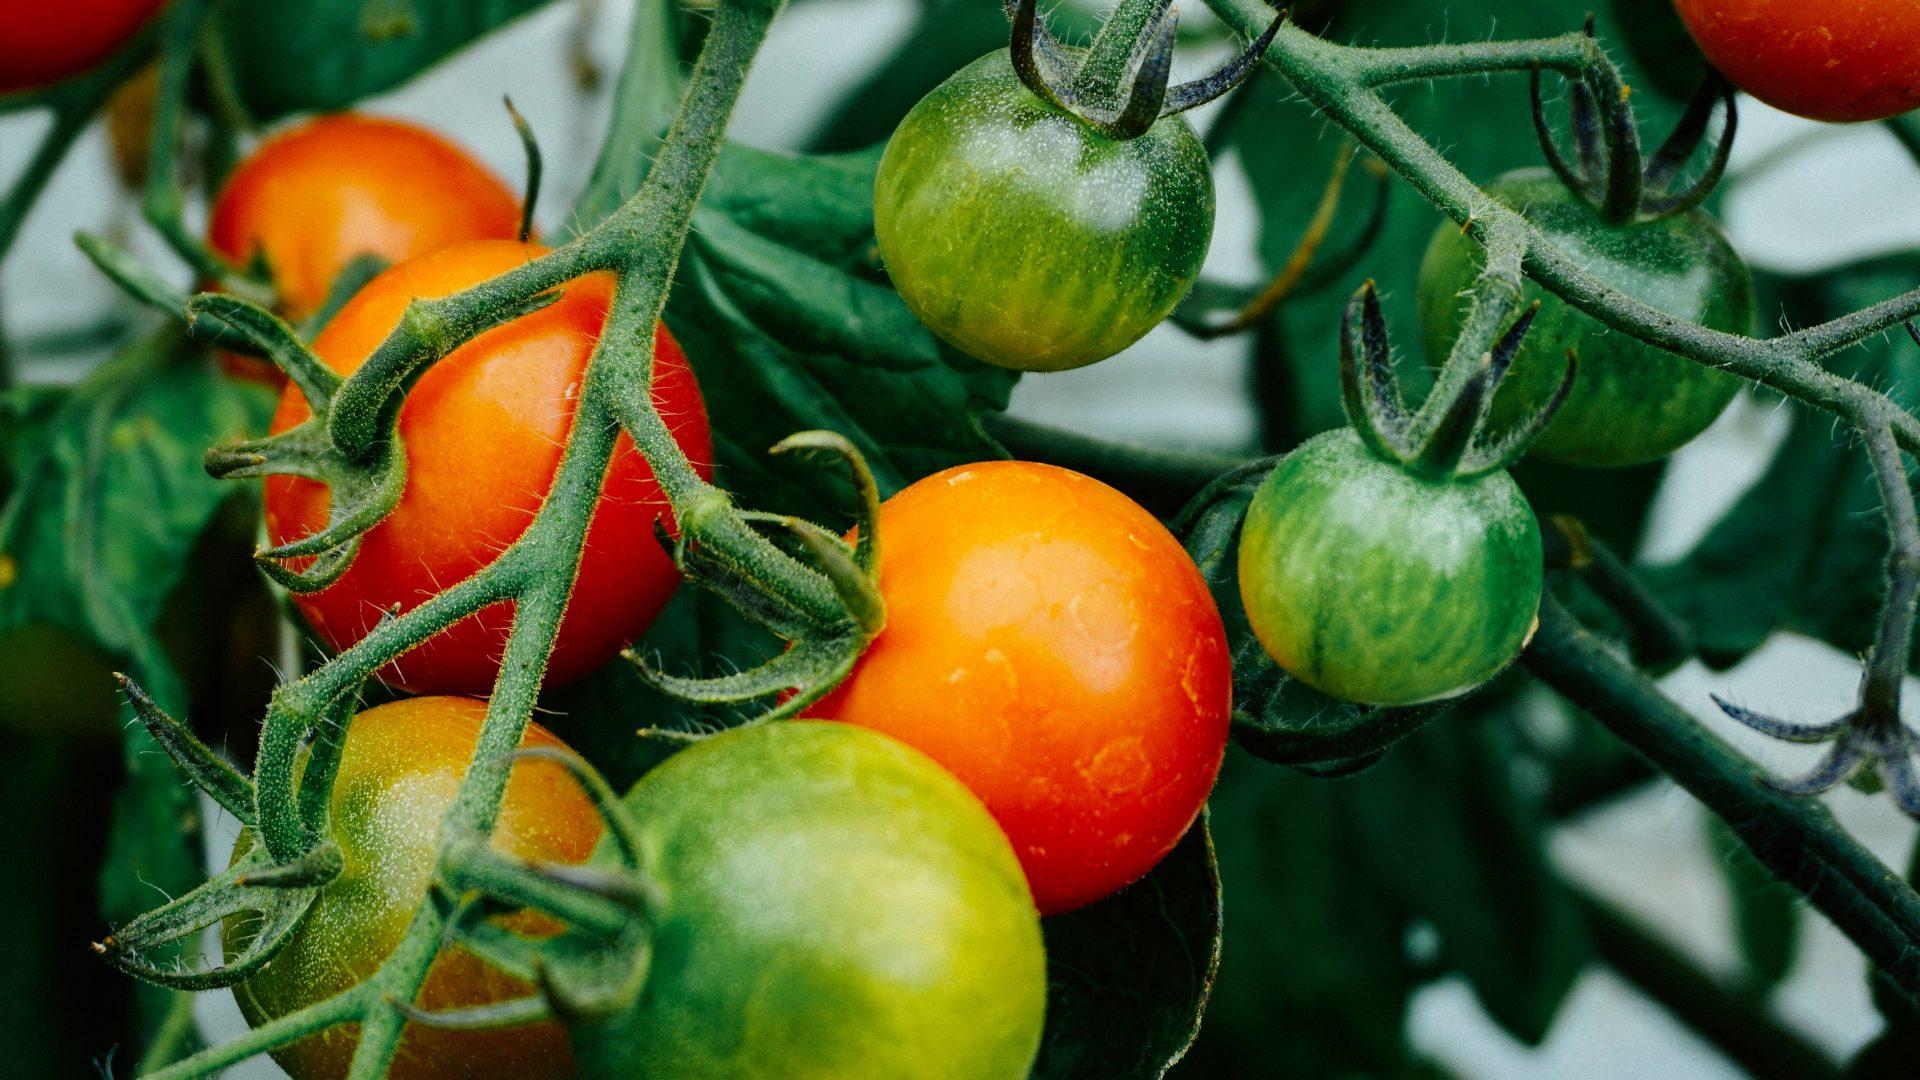 Maduración homogénea de tomates con bioestimulantes.